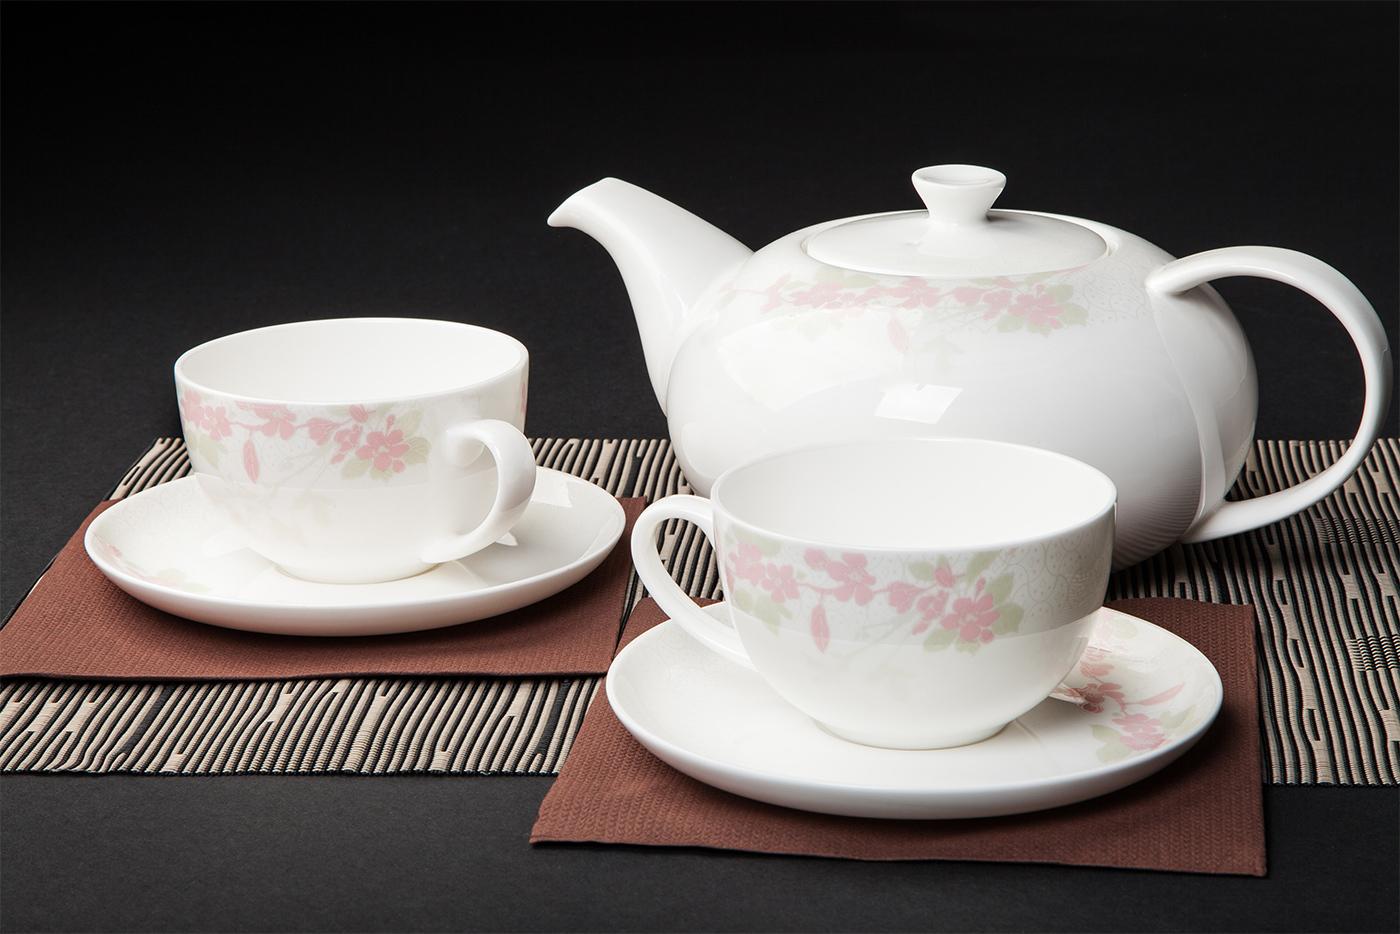 Чайный сервиз Royal Aurel Сакура арт.149, 13 предметовЧайные сервизы<br>Чайный сервиз Royal Aurel Сакура арт.149, 13 предметов<br><br><br><br><br><br><br><br><br><br><br>Чашка 300 мл,6 шт.<br>Блюдце 15 см,6 шт.<br>Чайник 1300 мл<br><br><br><br><br><br><br>Производить посуду из фарфора начали в Китае на стыке 6-7 веков. Неустанно совершенствуя и селективно отбирая сырье для производства посуды из фарфора, мастерам удалось добиться выдающихся характеристик фарфора: белизны и тонкостенности. В XV веке появился особый интерес к китайской фарфоровой посуде, так как в это время Европе возникла мода на самобытные китайские вещи. Роскошный китайский фарфор являлся изыском и был в новинку, поэтому он выступал в качестве подарка королям, а также знатным людям. Такой дорогой подарок был очень престижен и по праву являлся элитной посудой. Как известно из многочисленных исторических документов, в Европе китайские изделия из фарфора ценились практически как золото. <br>Проверка изделий из костяного фарфора на подлинность <br>По сравнению с производством других видов фарфора процесс производства изделий из настоящего костяного фарфора сложен и весьма длителен. Посуда из изящного фарфора - это элитная посуда, которая всегда ассоциируется с богатством, величием и благородством. Несмотря на небольшую толщину, фарфоровая посуда - это очень прочное изделие. Для демонстрации плотности и прочности фарфора можно легко коснуться предметов посуды из фарфора деревянной палочкой, и тогда мы услушим характерный металлический звон. В составе фарфоровой посуды присутствует костяная зола, благодаря чему она может быть намного тоньше (не более 2,5 мм) и легче твердого или мягкого фарфора. Безупречная белизна - ключевой признак отличия такого фарфора от других. Цвет обычного фарфора сероватый или ближе к голубоватому, а костяной фарфор будет всегда будет молочно-белого цвета. Характерная и немаловажная деталь - это невесомая прозрачность изделий из фарфора такая, что сквозь него проходит свет.<br>